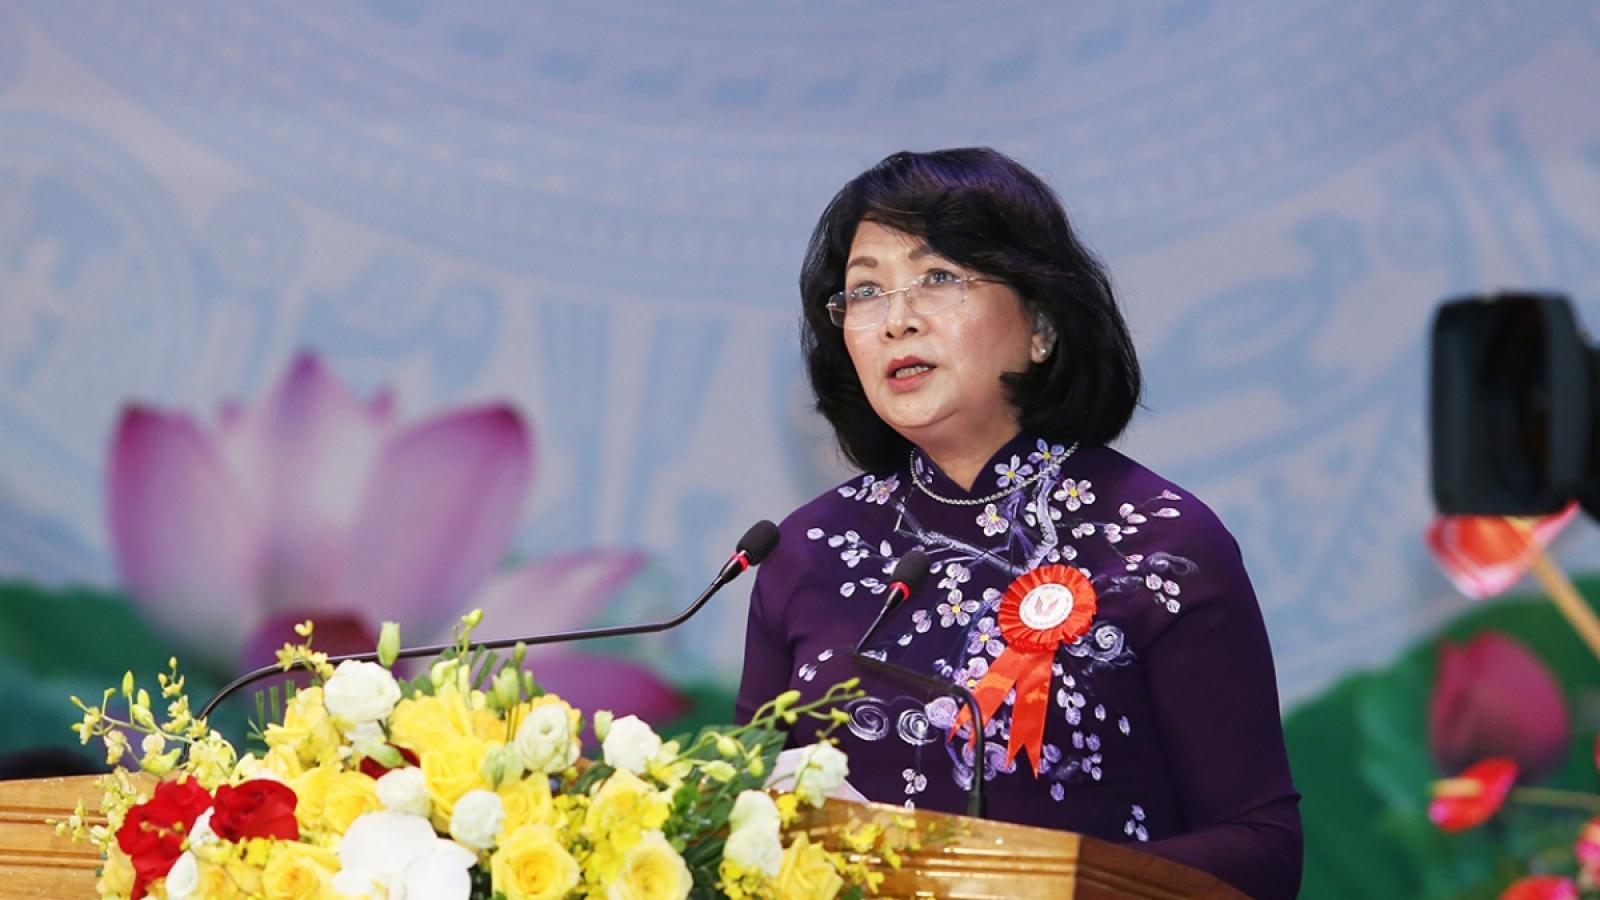 Phó Chủ tịch nước trao danh hiệu Anh hùng Lao động thời kỳ đổi mới cho SSI